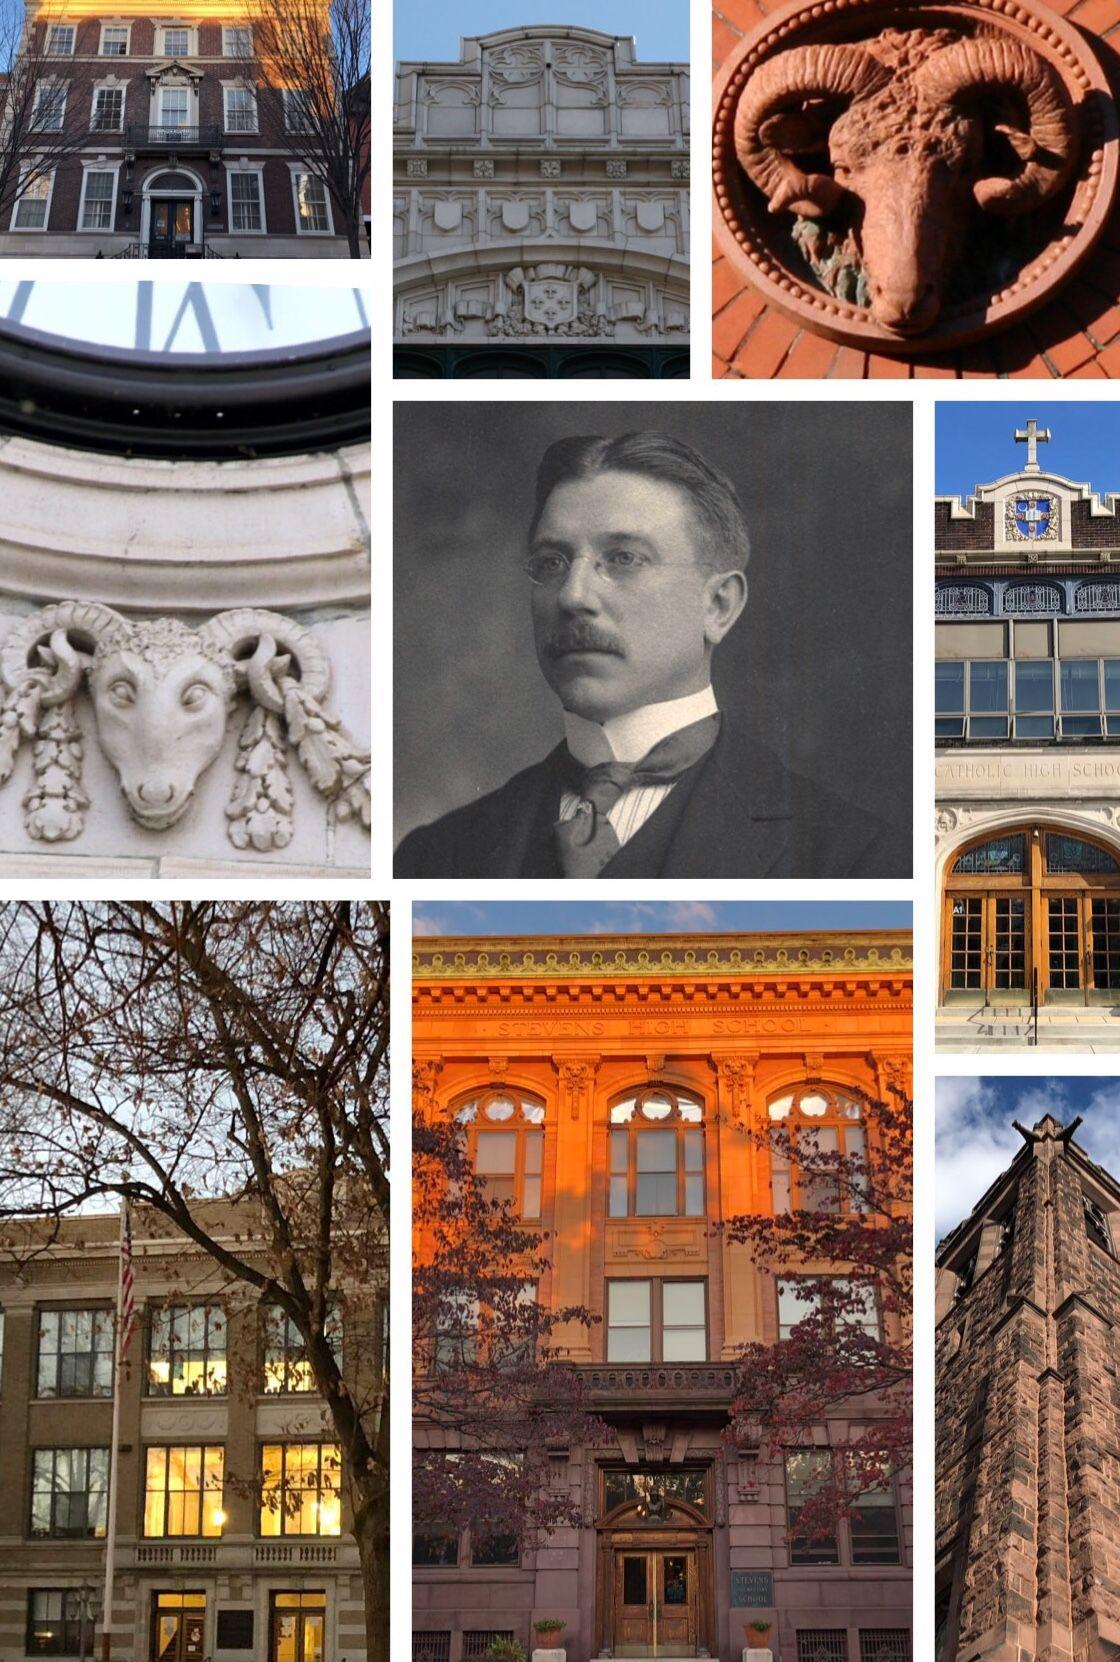 C. Emlen Urban Collage